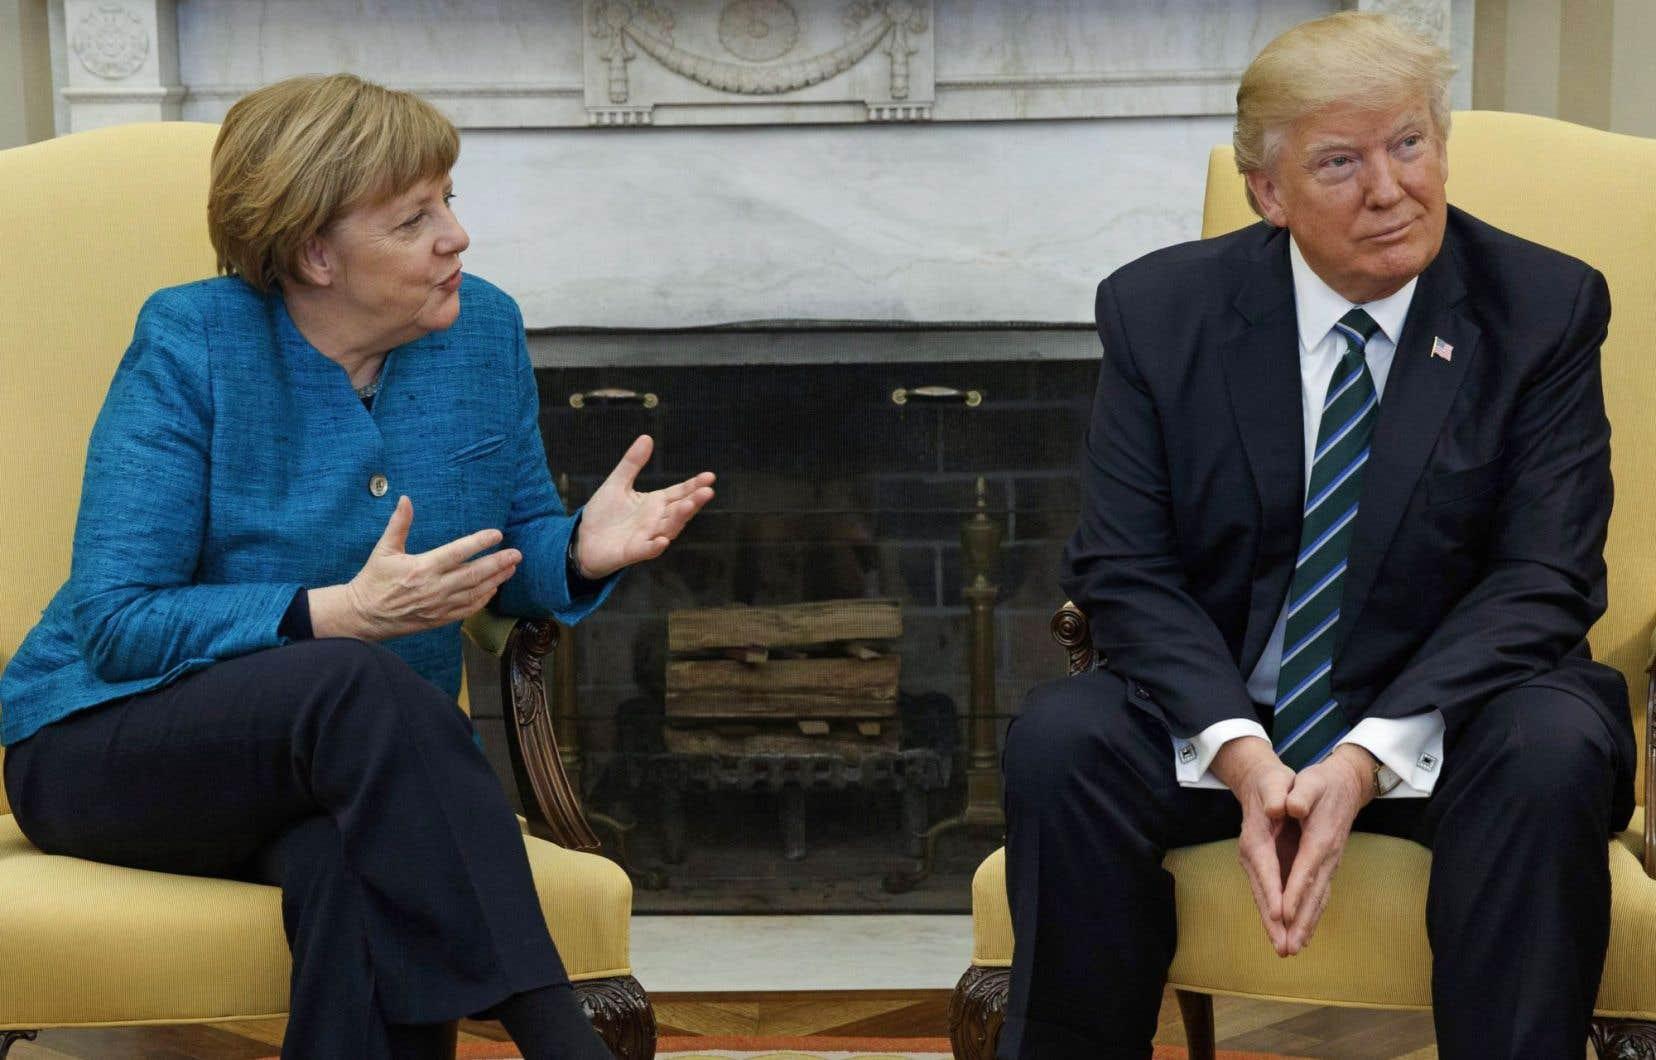 Le président américain a ignoré la poignée de main proposée par Angela Merkel, à la Maison-Blanche, le 18 mars dernier.